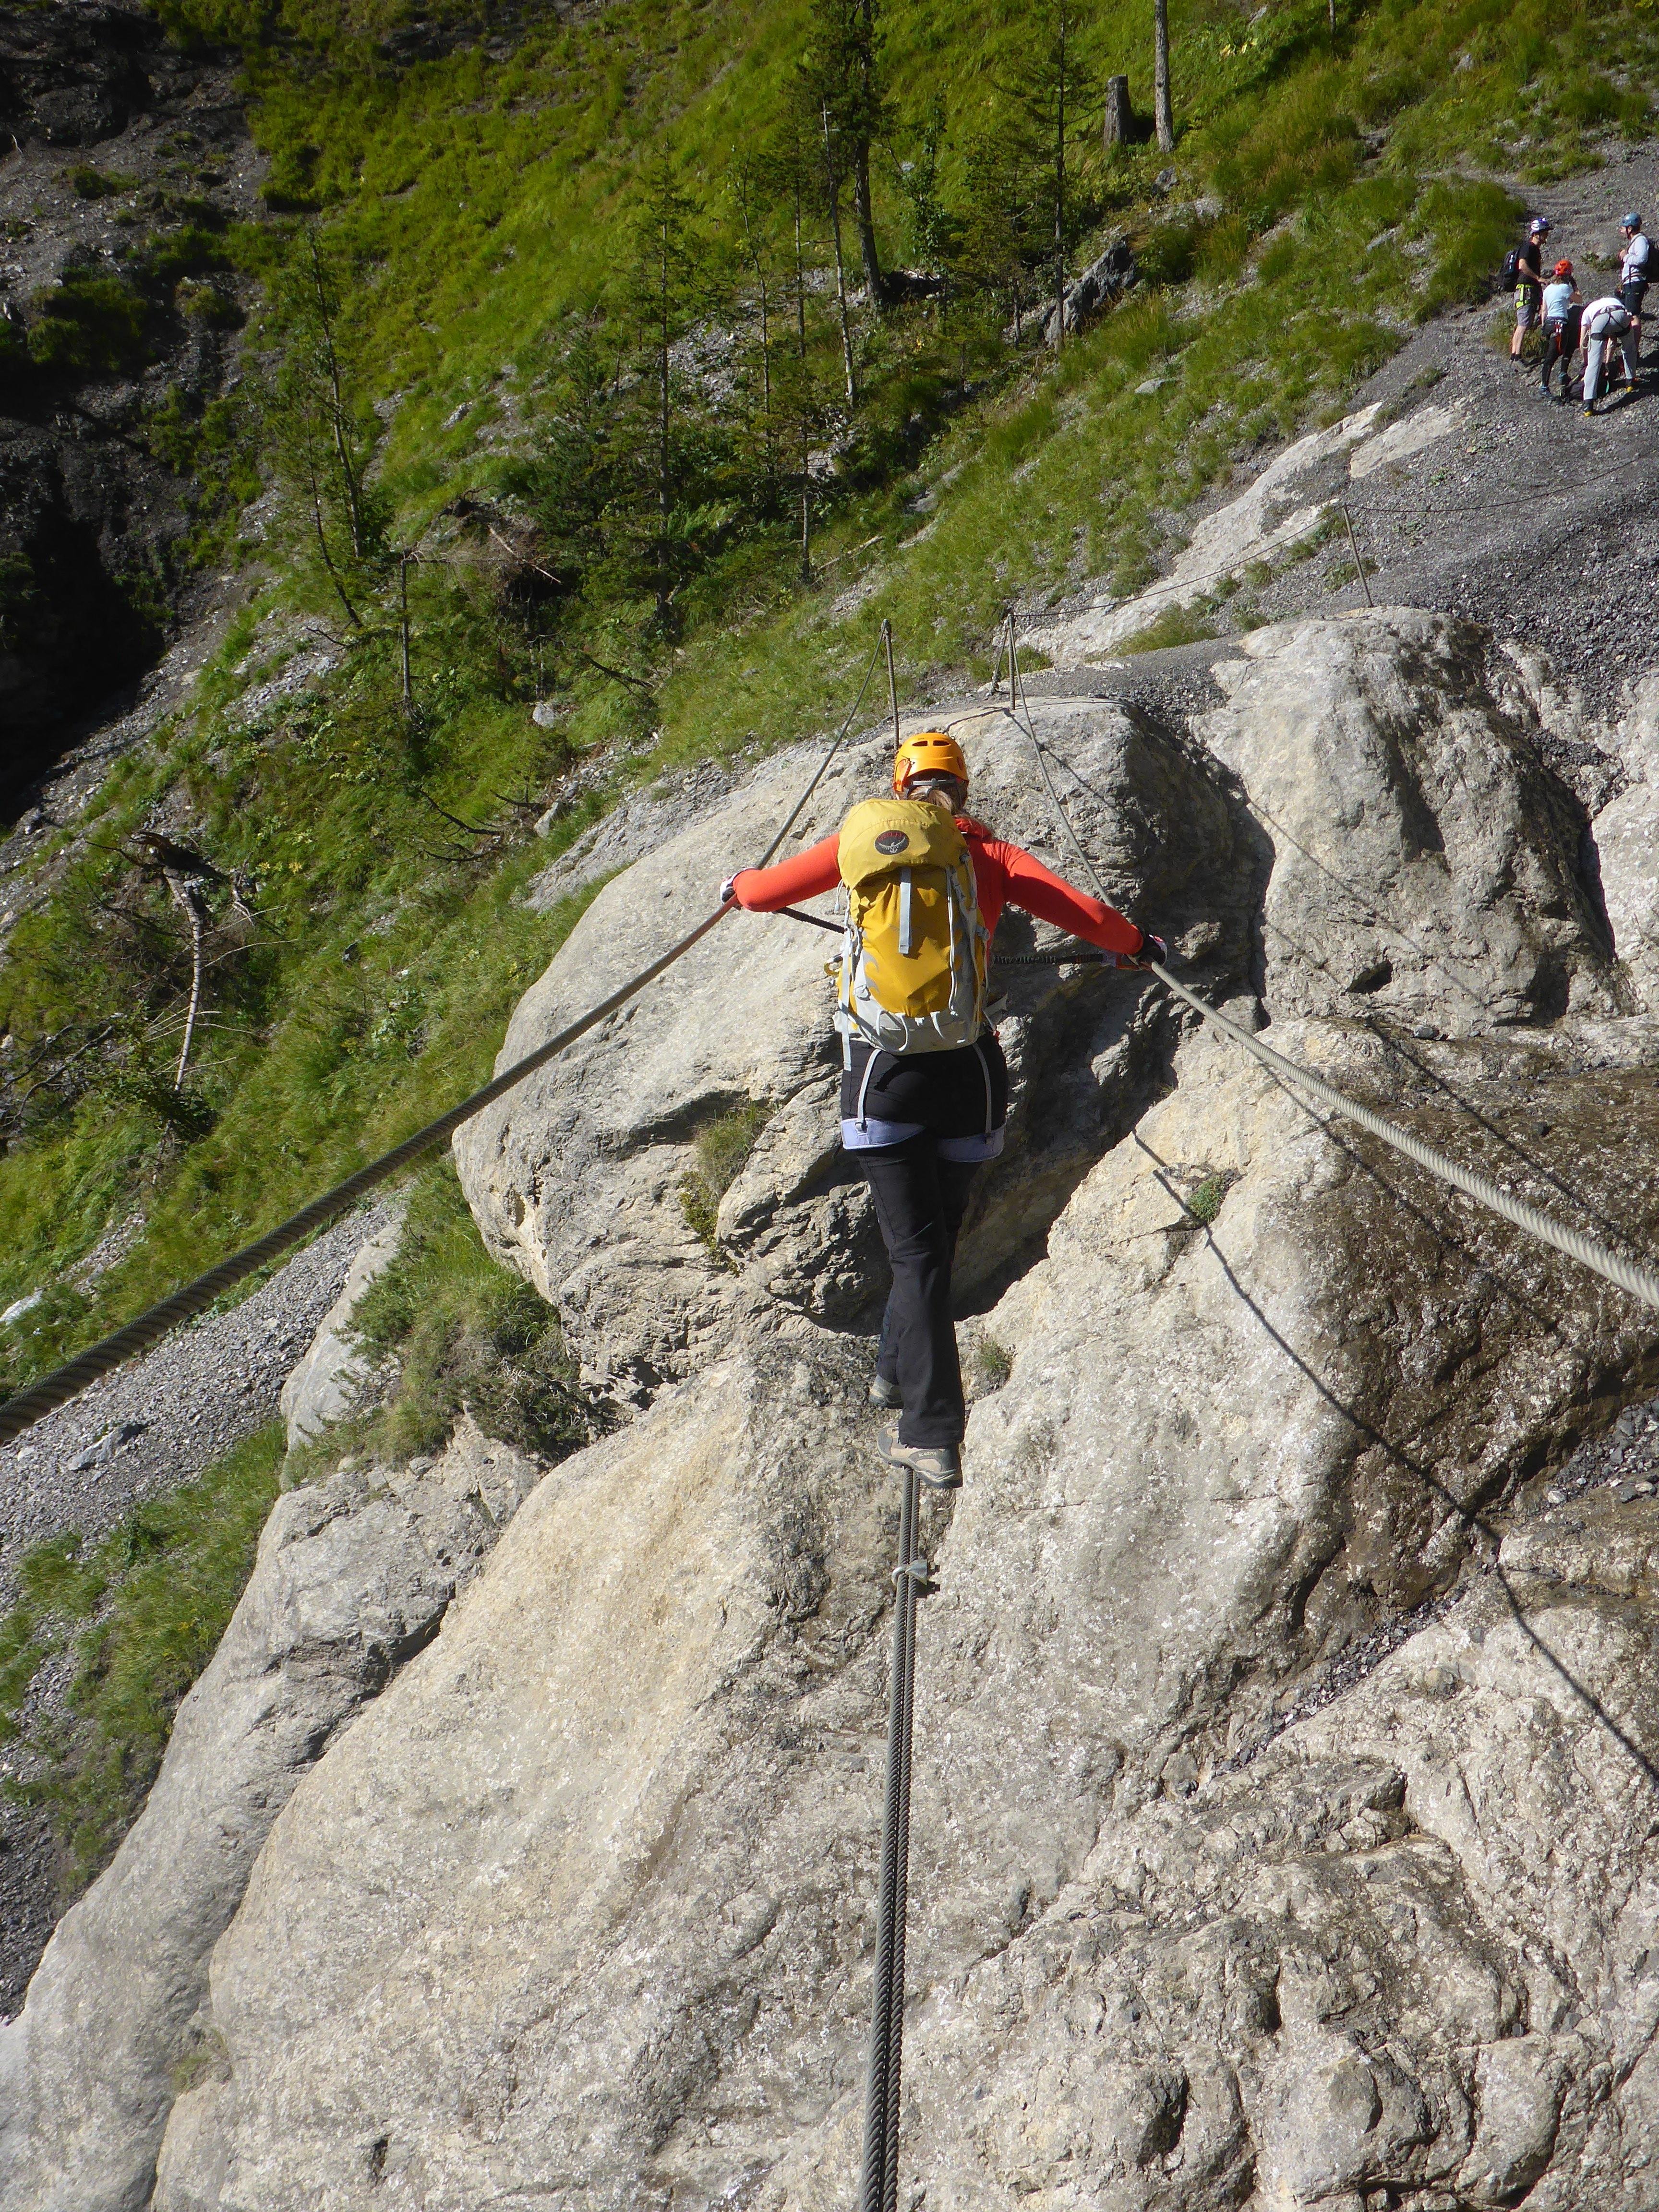 Climber using cables on Via Ferrata